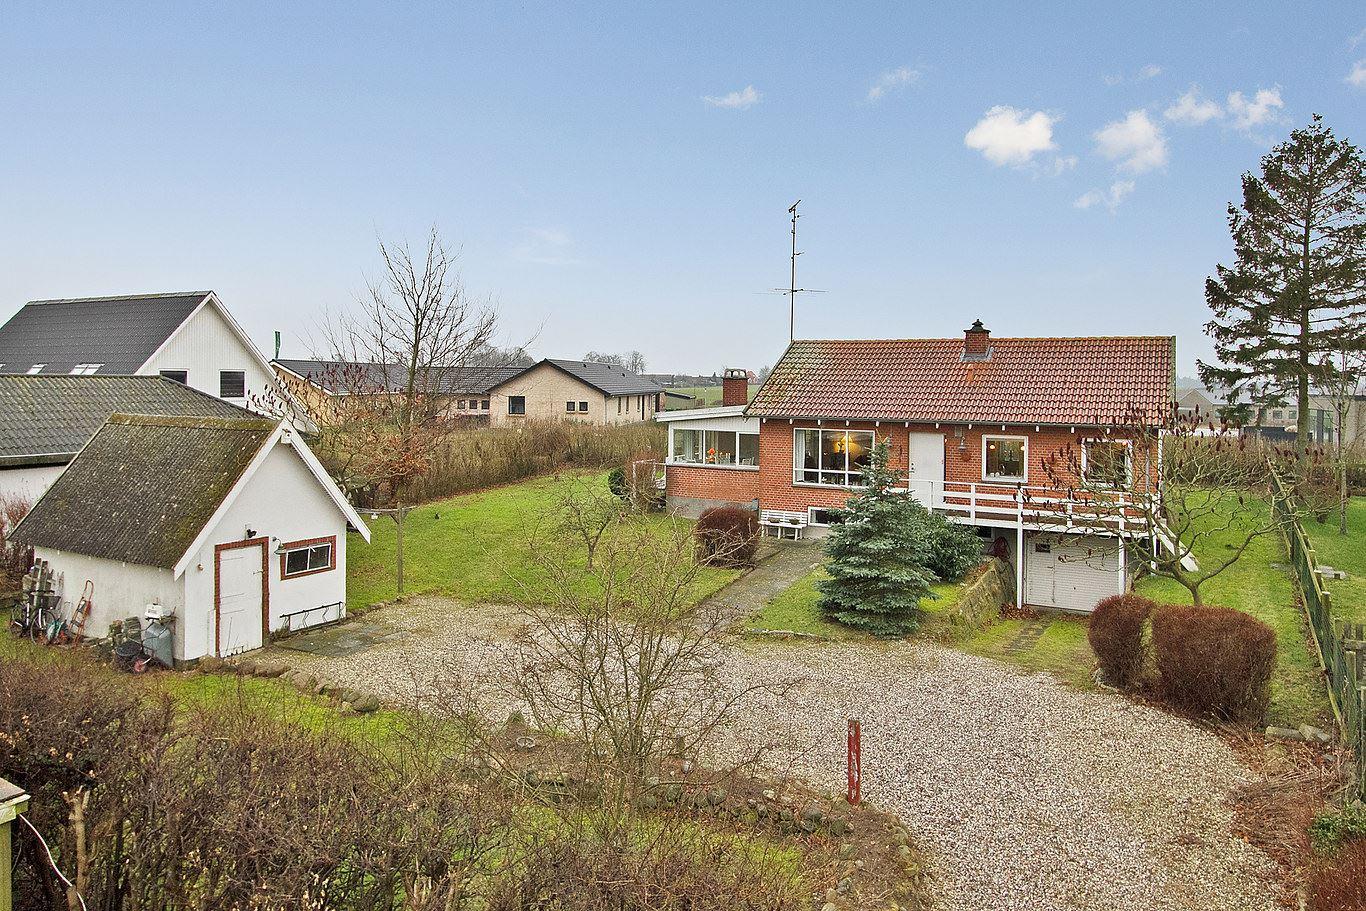 Sandvejen 19, Vindinge, 4000 Roskilde